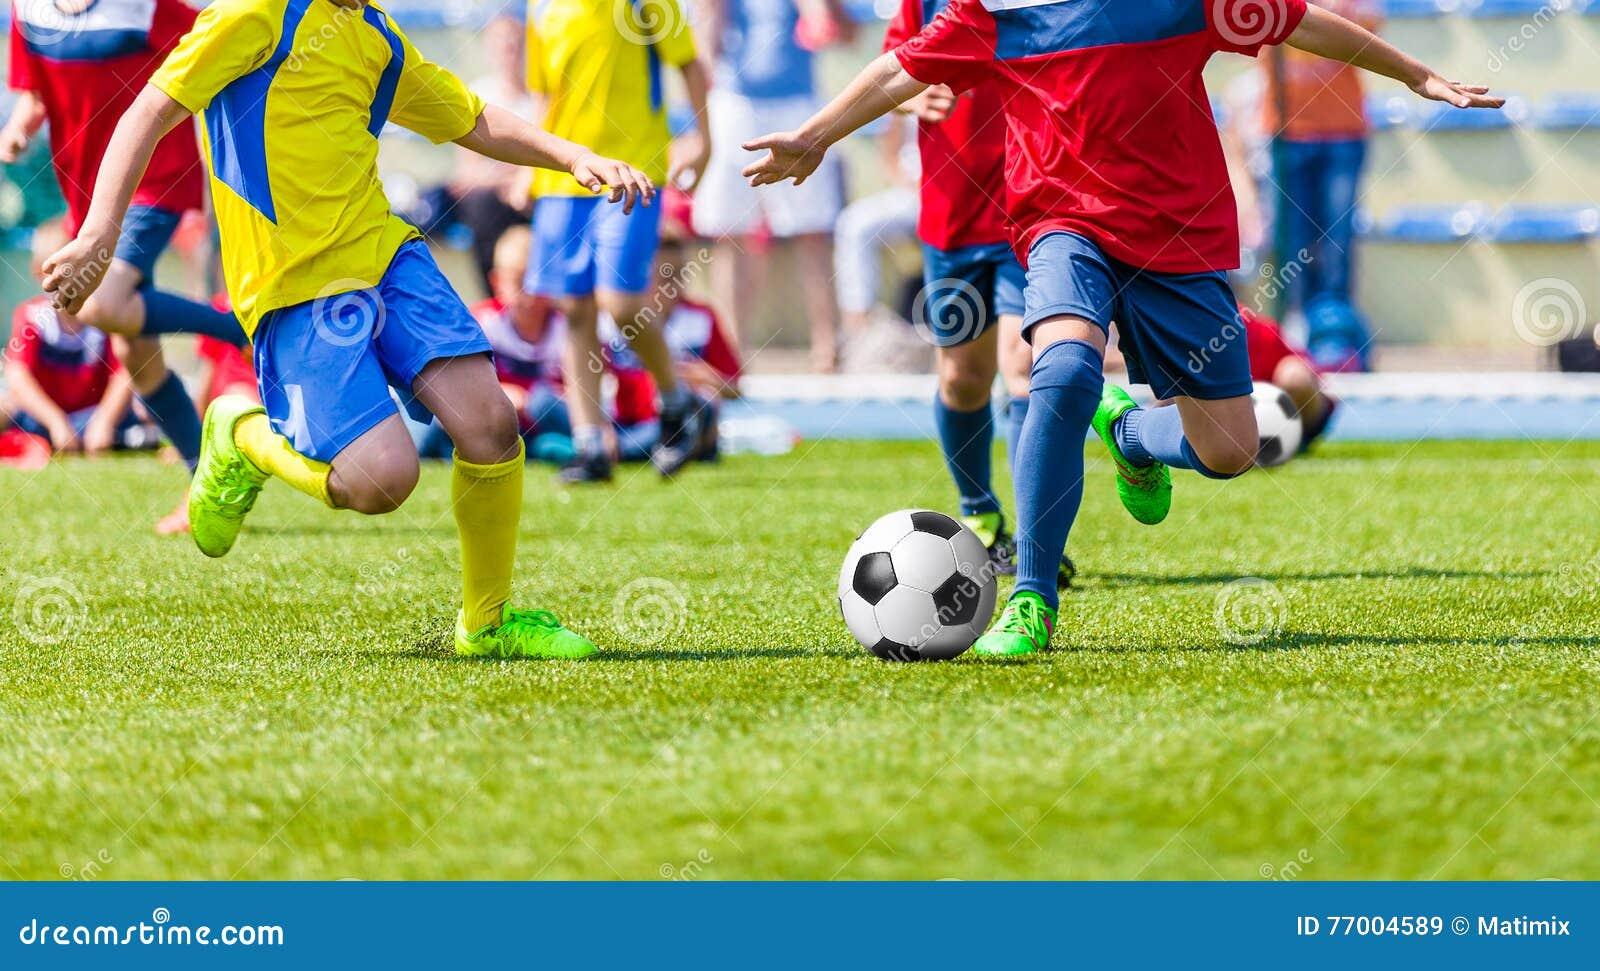 Футбольный матч футбола молодости Дети играя игру футбола на поле спорта